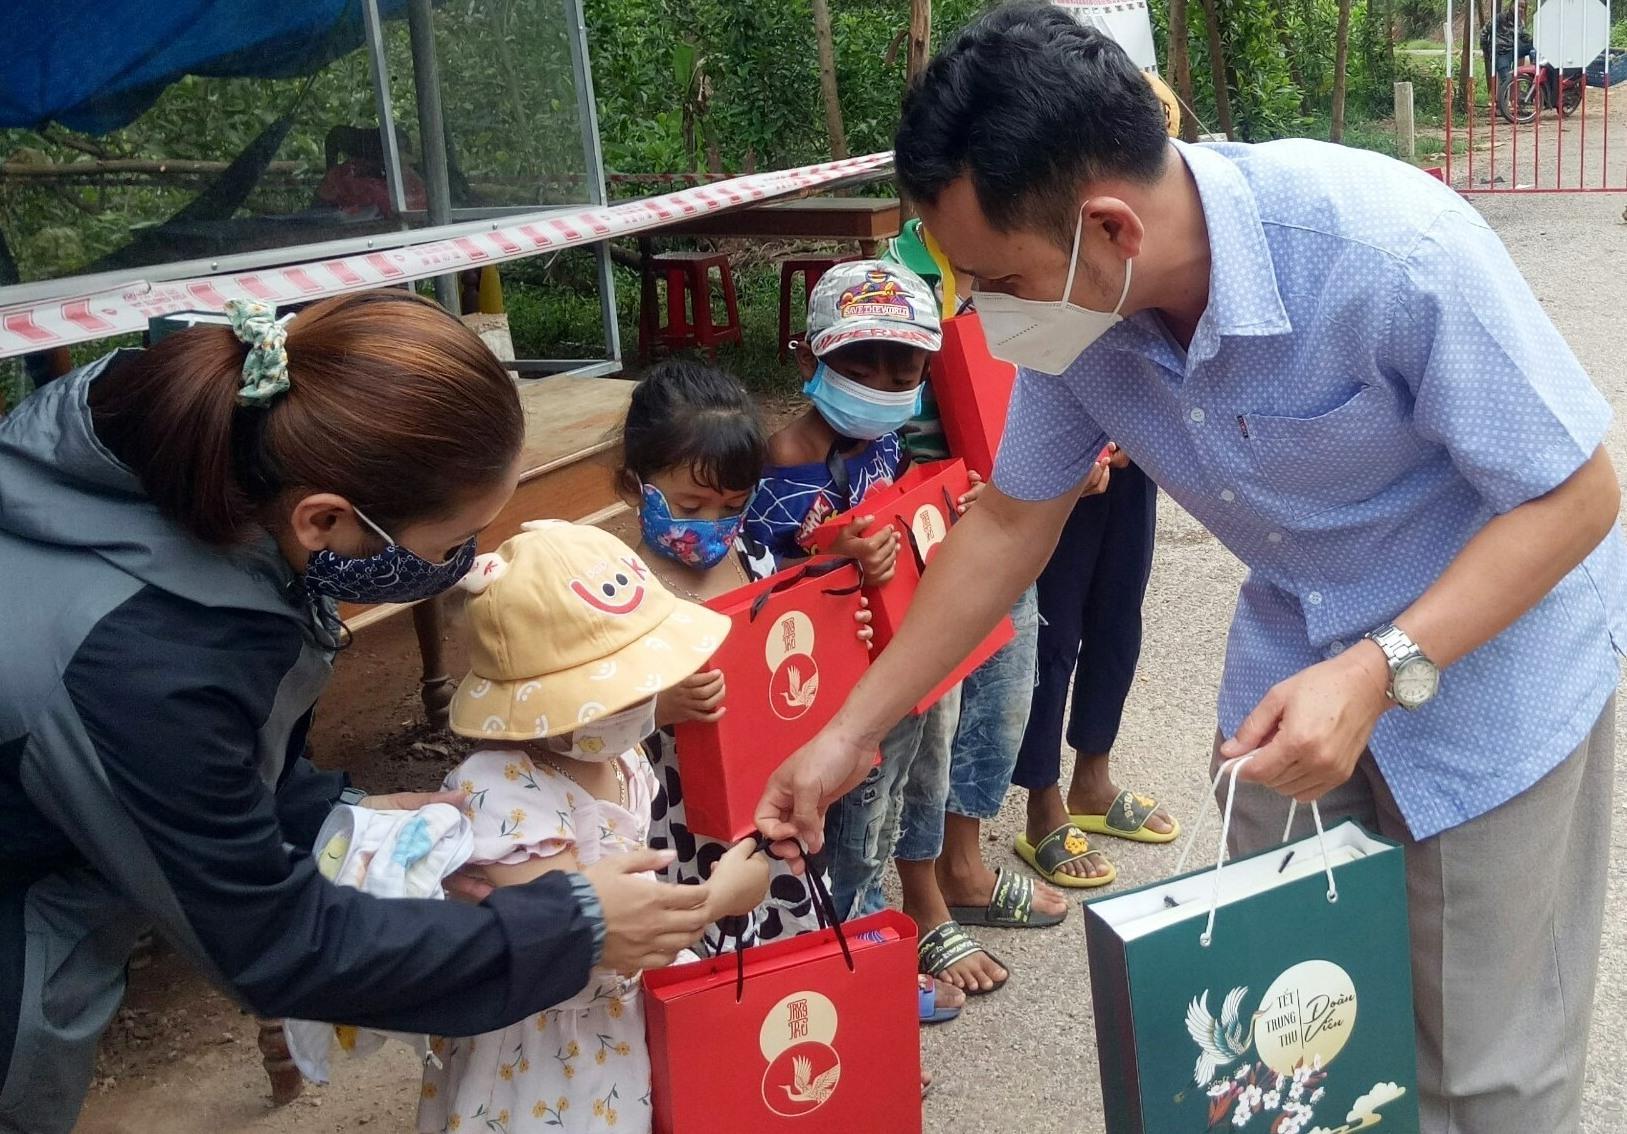 Phó Chủ tịch UBND huyện Đông Giang - Đỗ Hữu Tùng tận tay trao quà Tết trung thu cho các em nhỏ con của cán bộ, chiến sĩ tham gia trực chốt kiểm soát chống dịch Covid-19. Ảnh: Đ.N